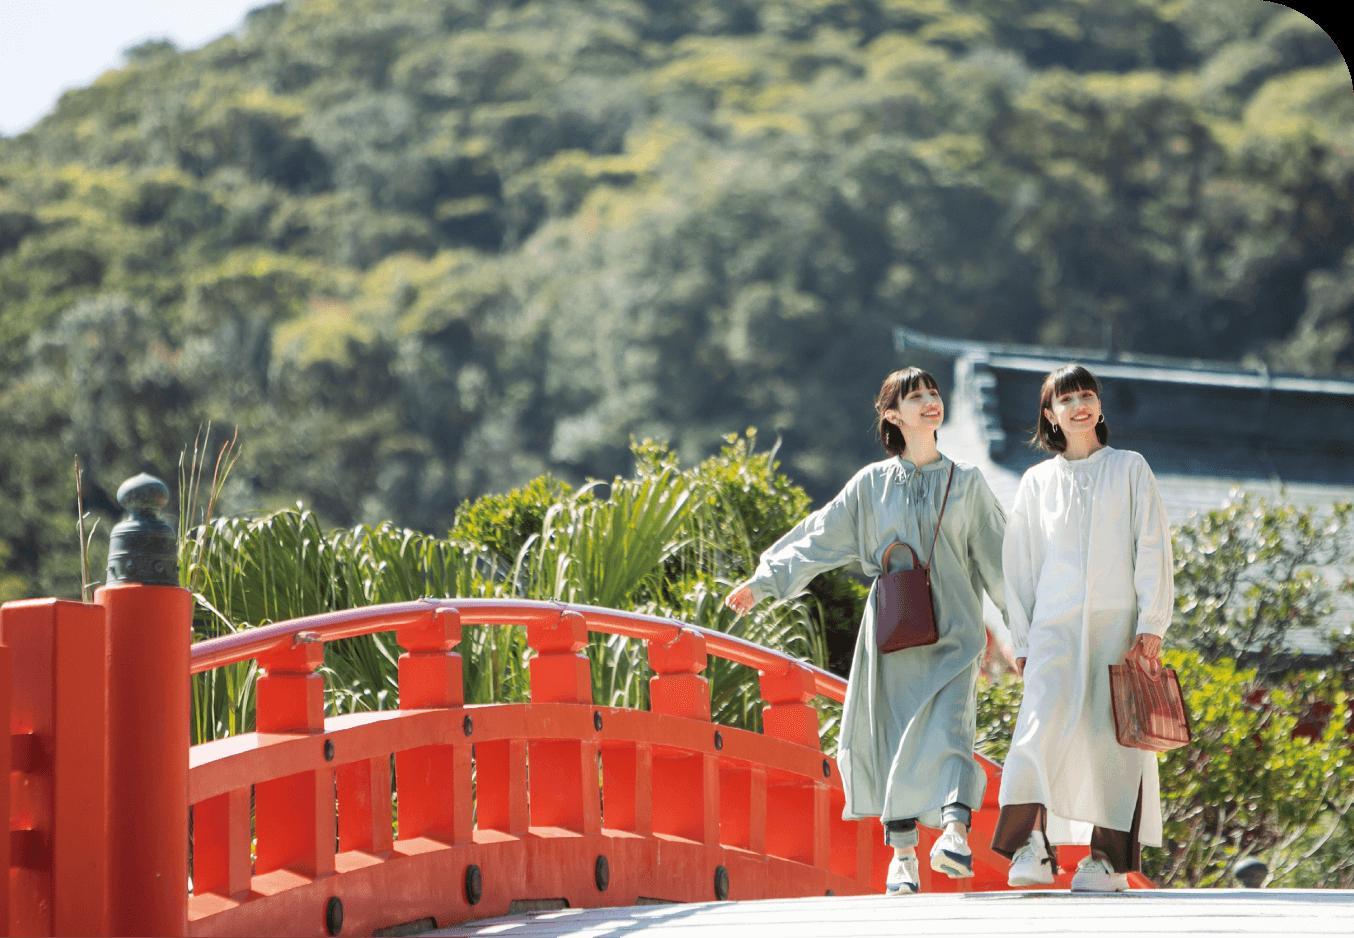 鵜戸神宮を歩く2人